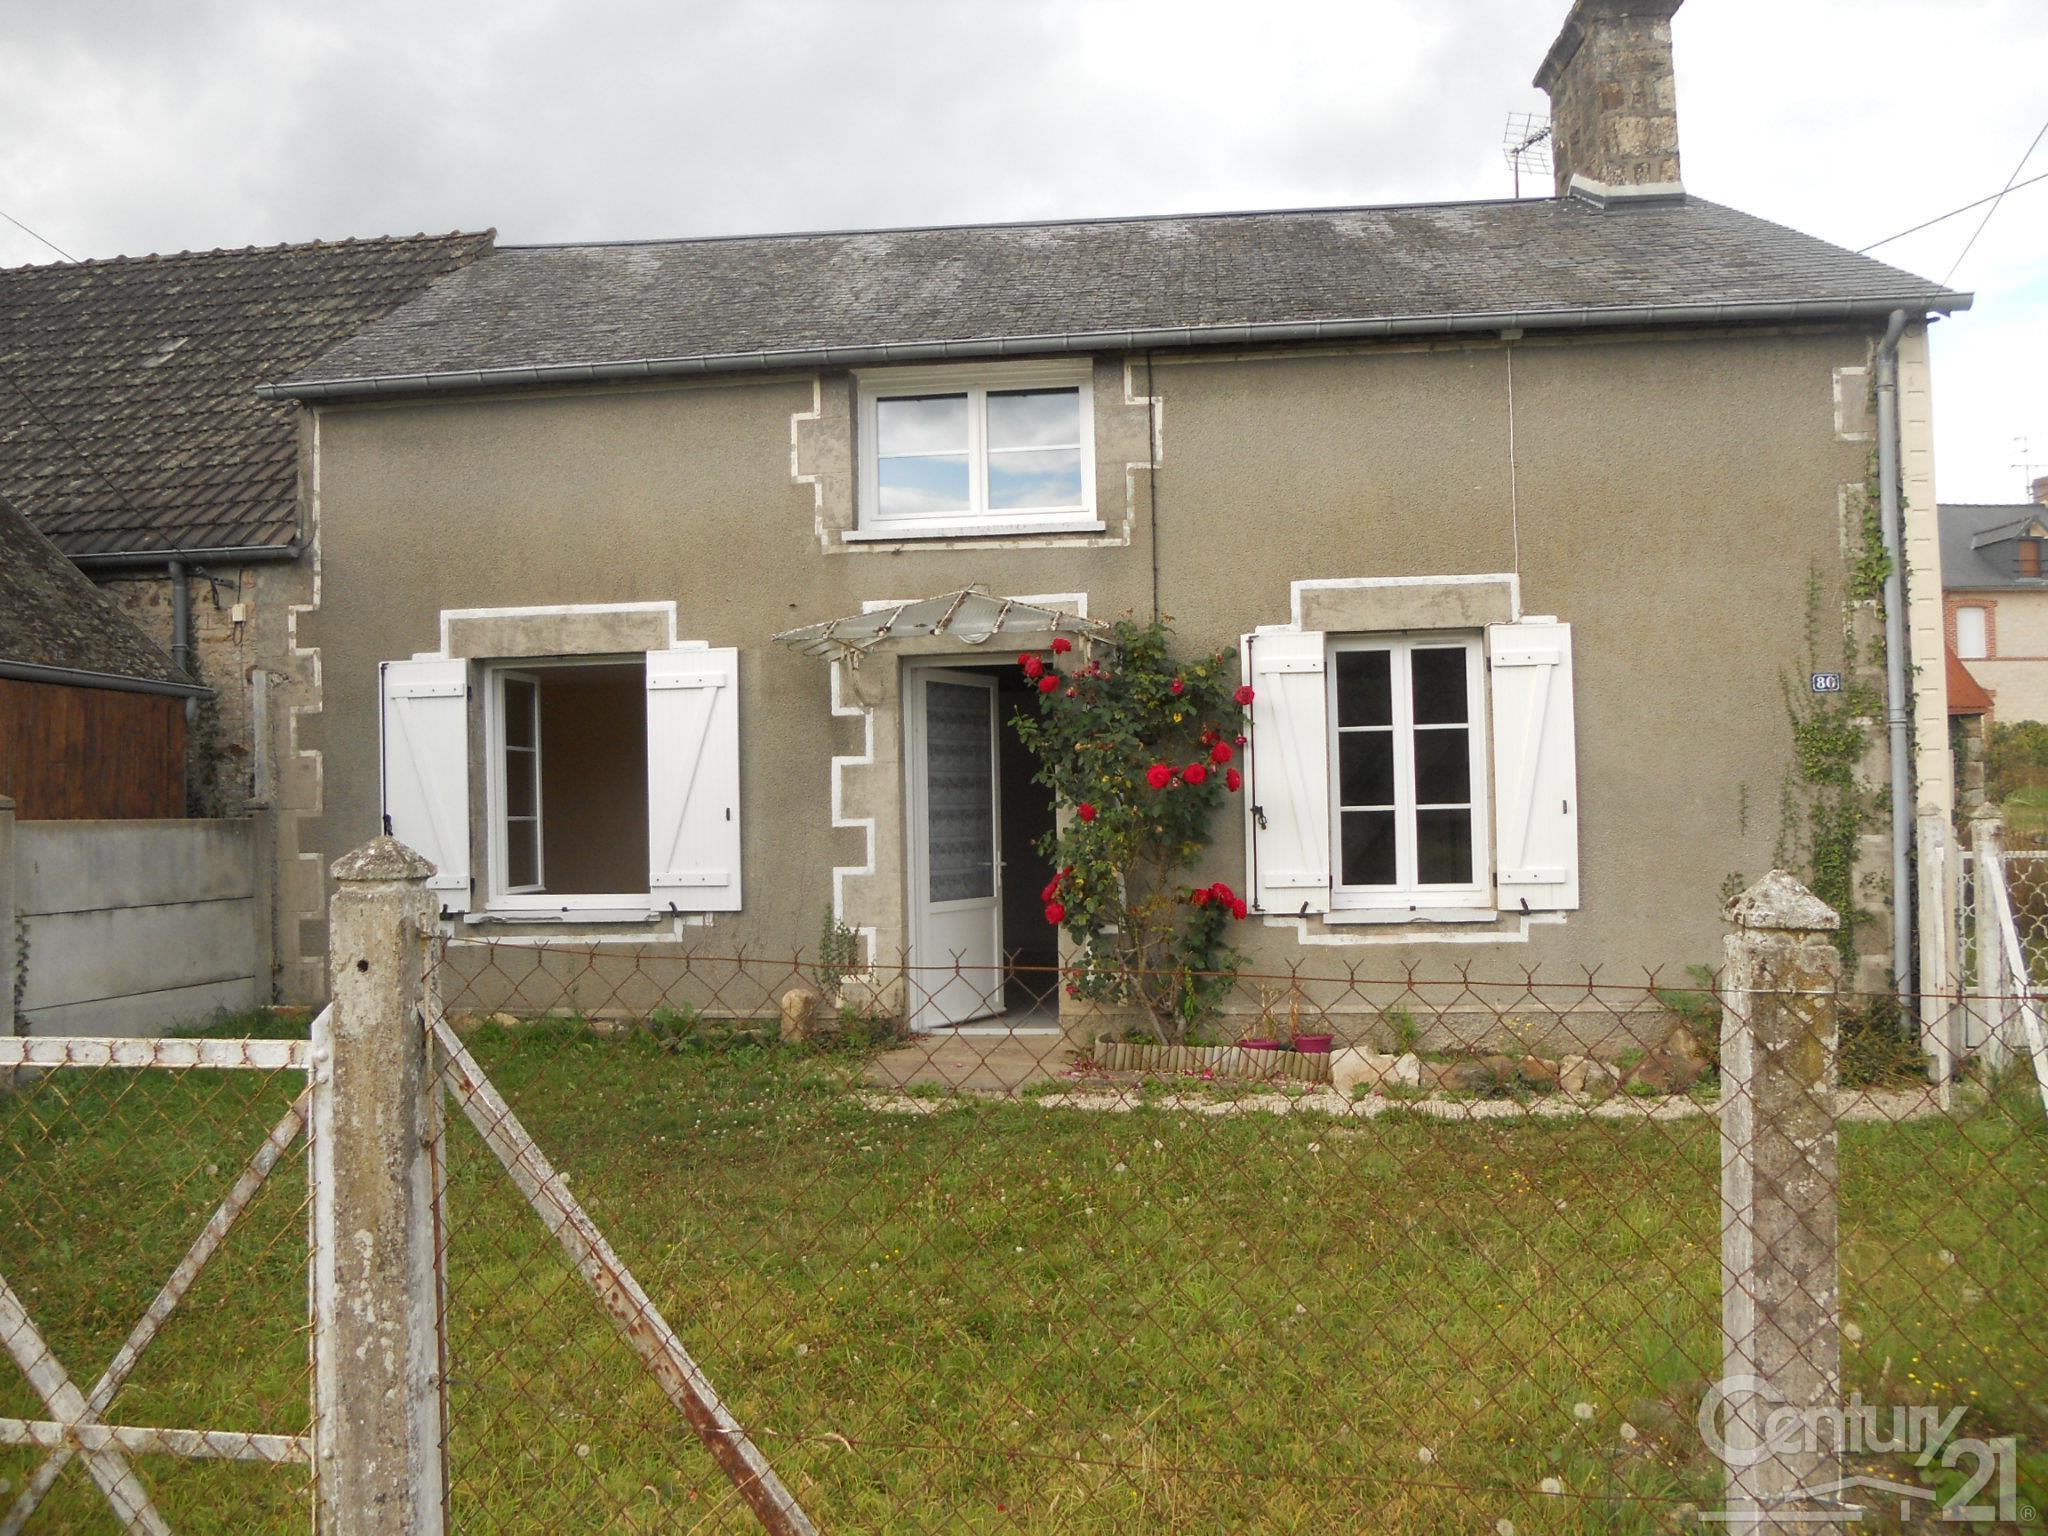 Maison à louer - 3 pièces - 73 m2 - BAGNOLES DE L ORNE - 61 - BASSE-NORMANDIE